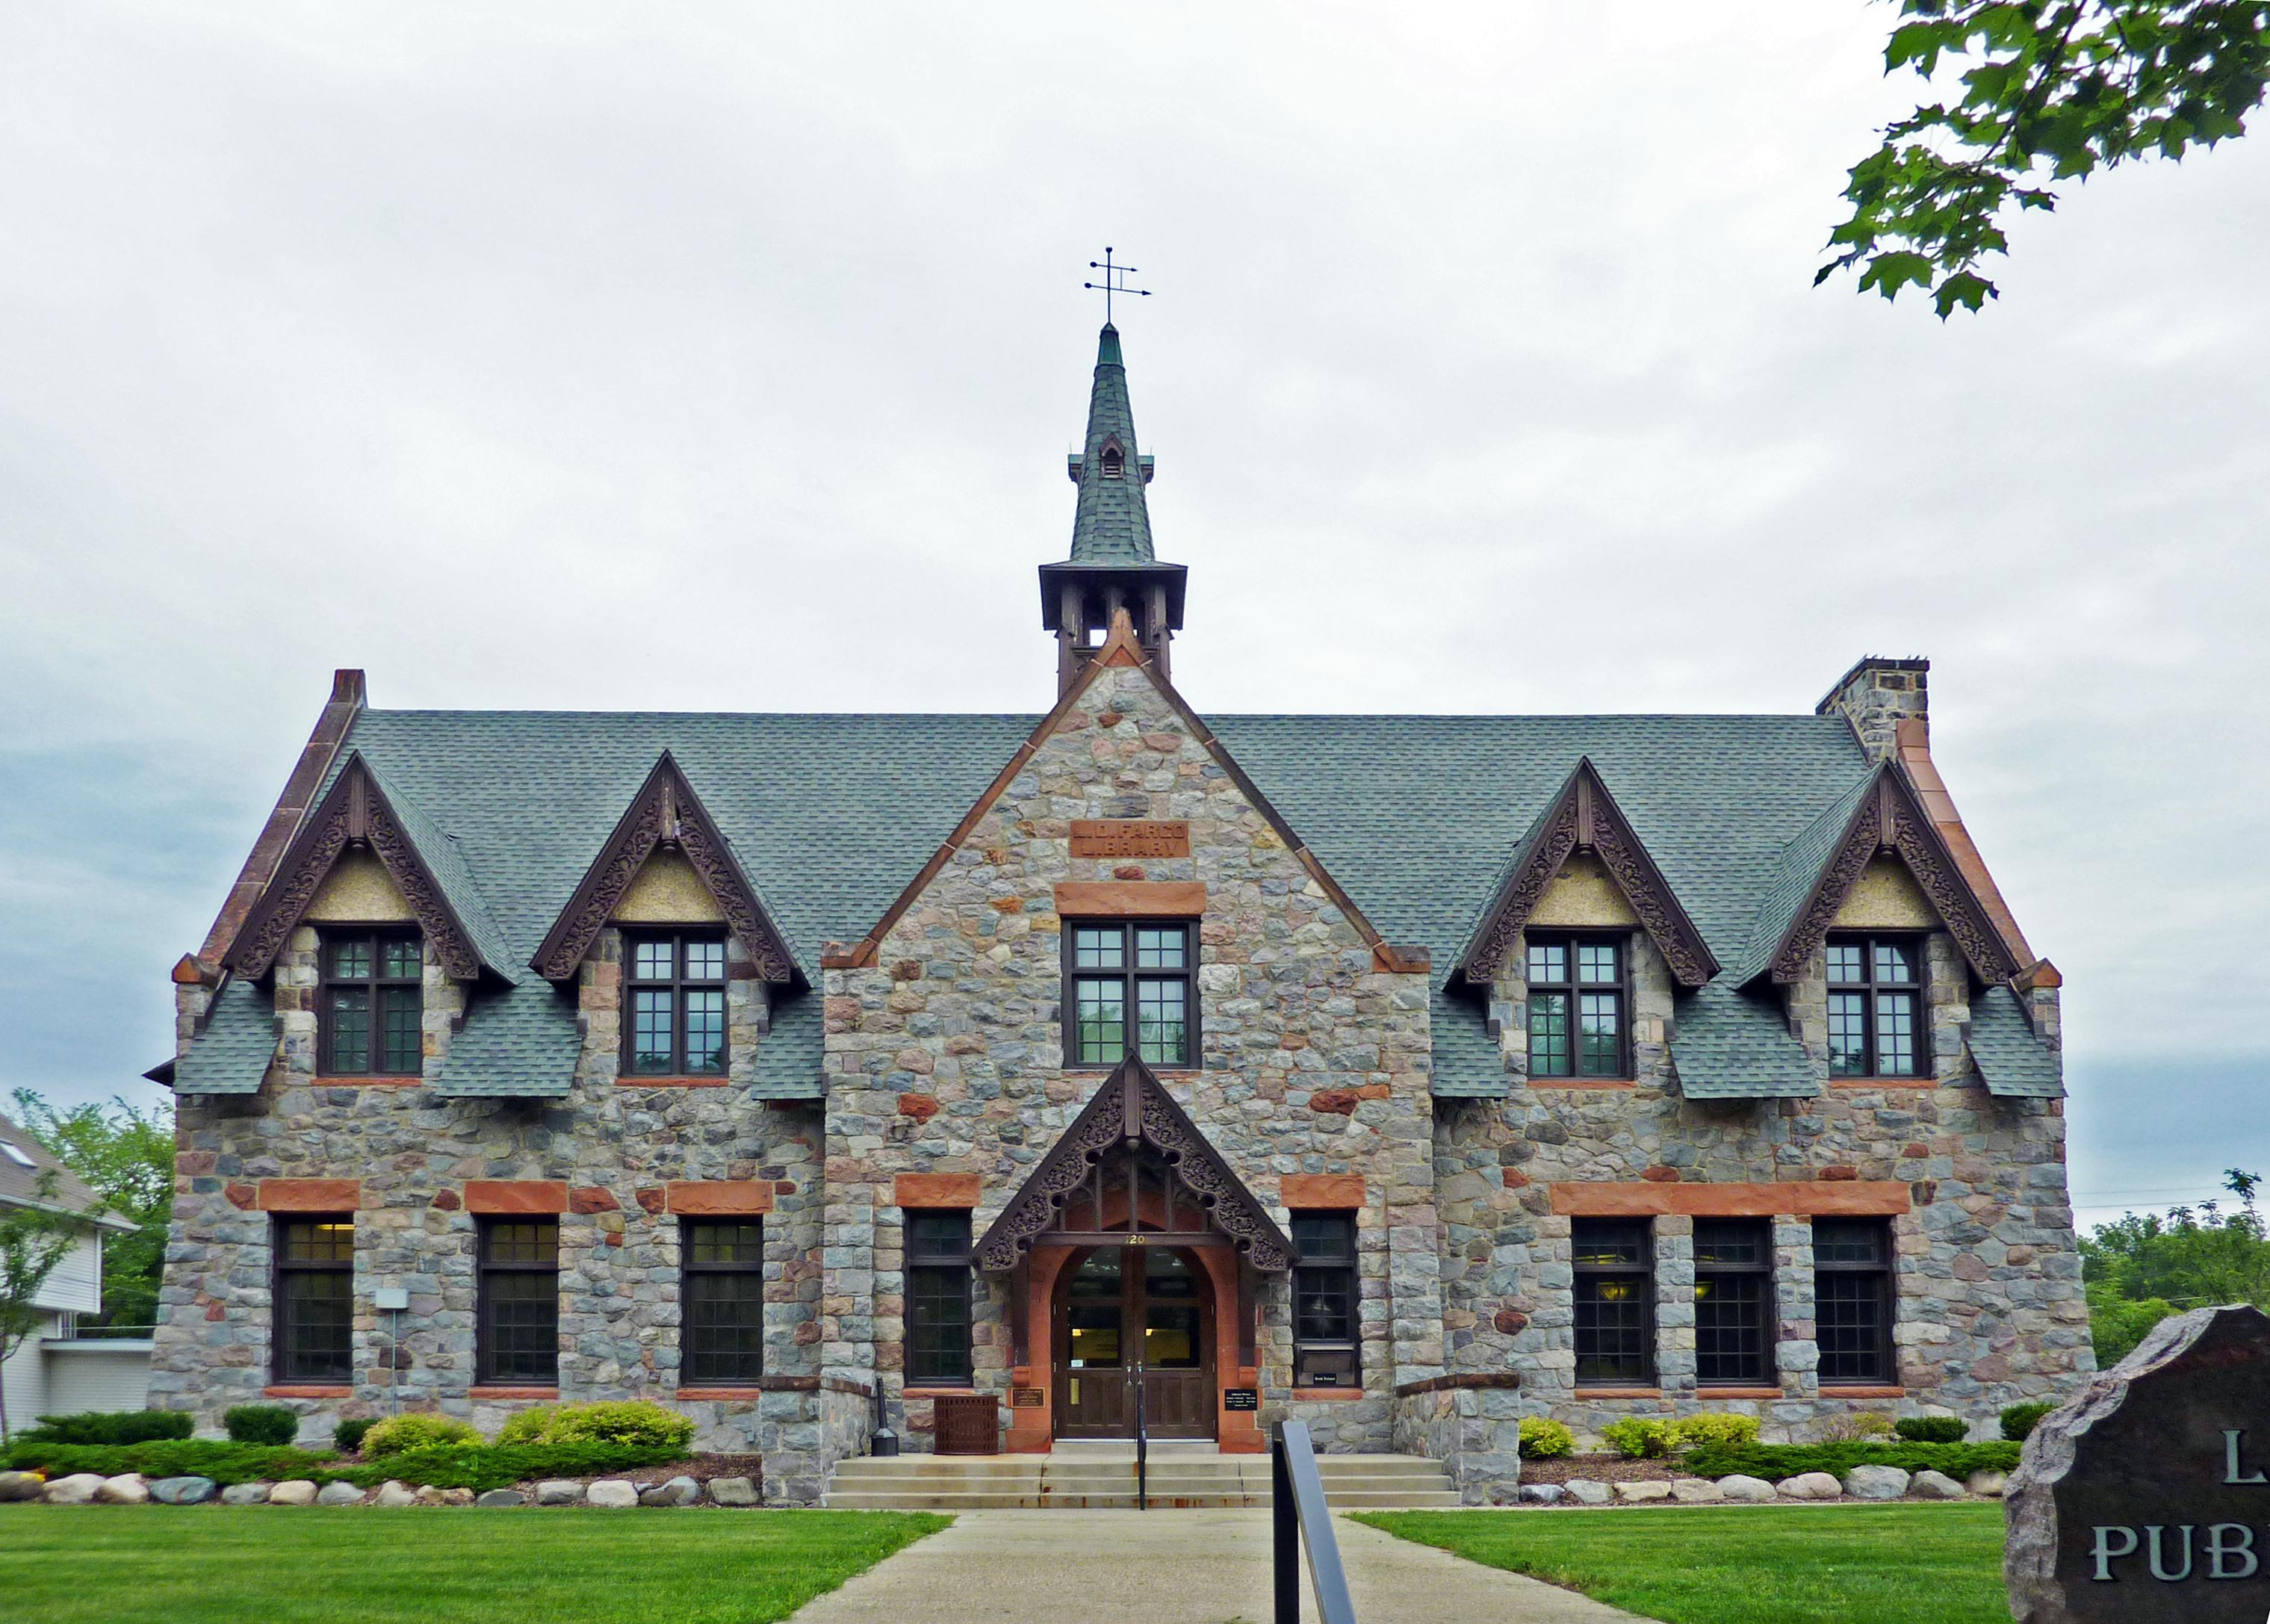 FileL D Fargo Public Library